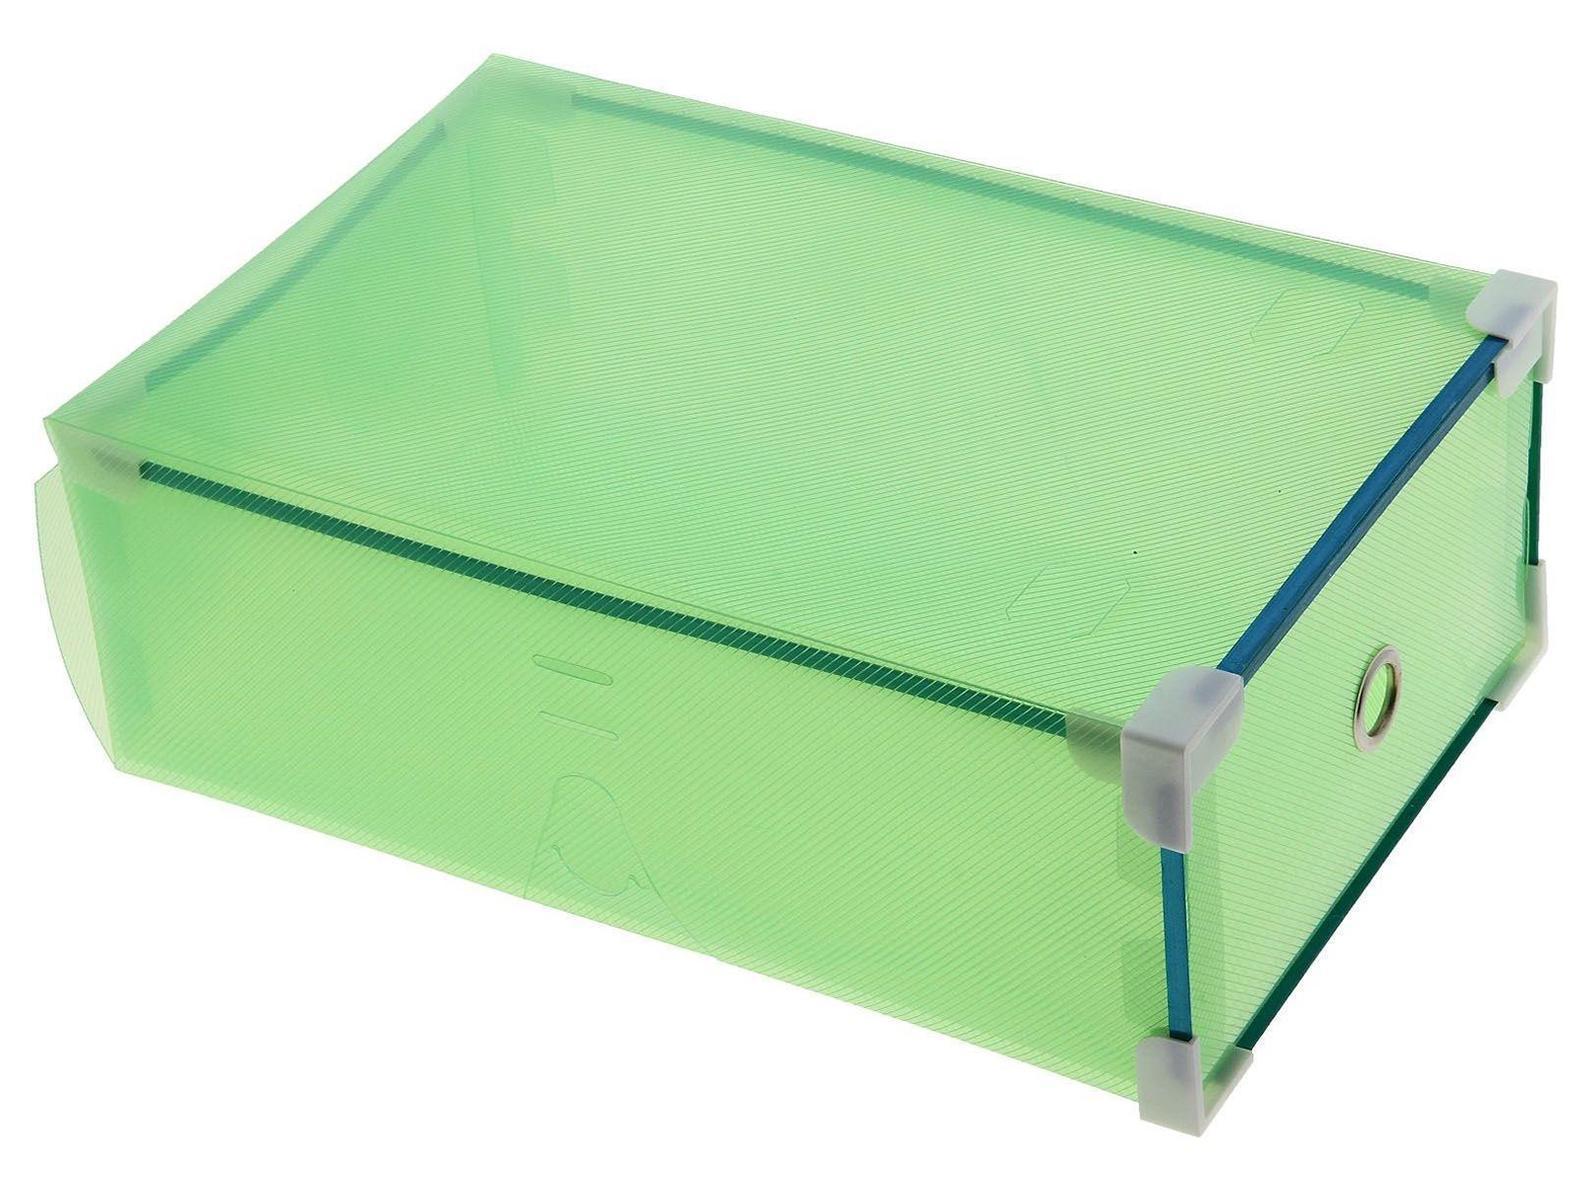 короб для хранения выдвижной 31*19,5*10,5см зеленый 709966PARADIS I 75013-3C ANTIQUEКоробка для мелочей изготовлена из прочного пластика. Предназначена для хранения мелких бытовых мелочей, принадлежностей для шитья и т.д. Коробка оснащена плотно закрывающейся крышкой, которая предотвратит просыпание и потерю мелких вещиц.Коробка для мелочей сохранит ваши вещи в порядке. Материал: Пластик, металл